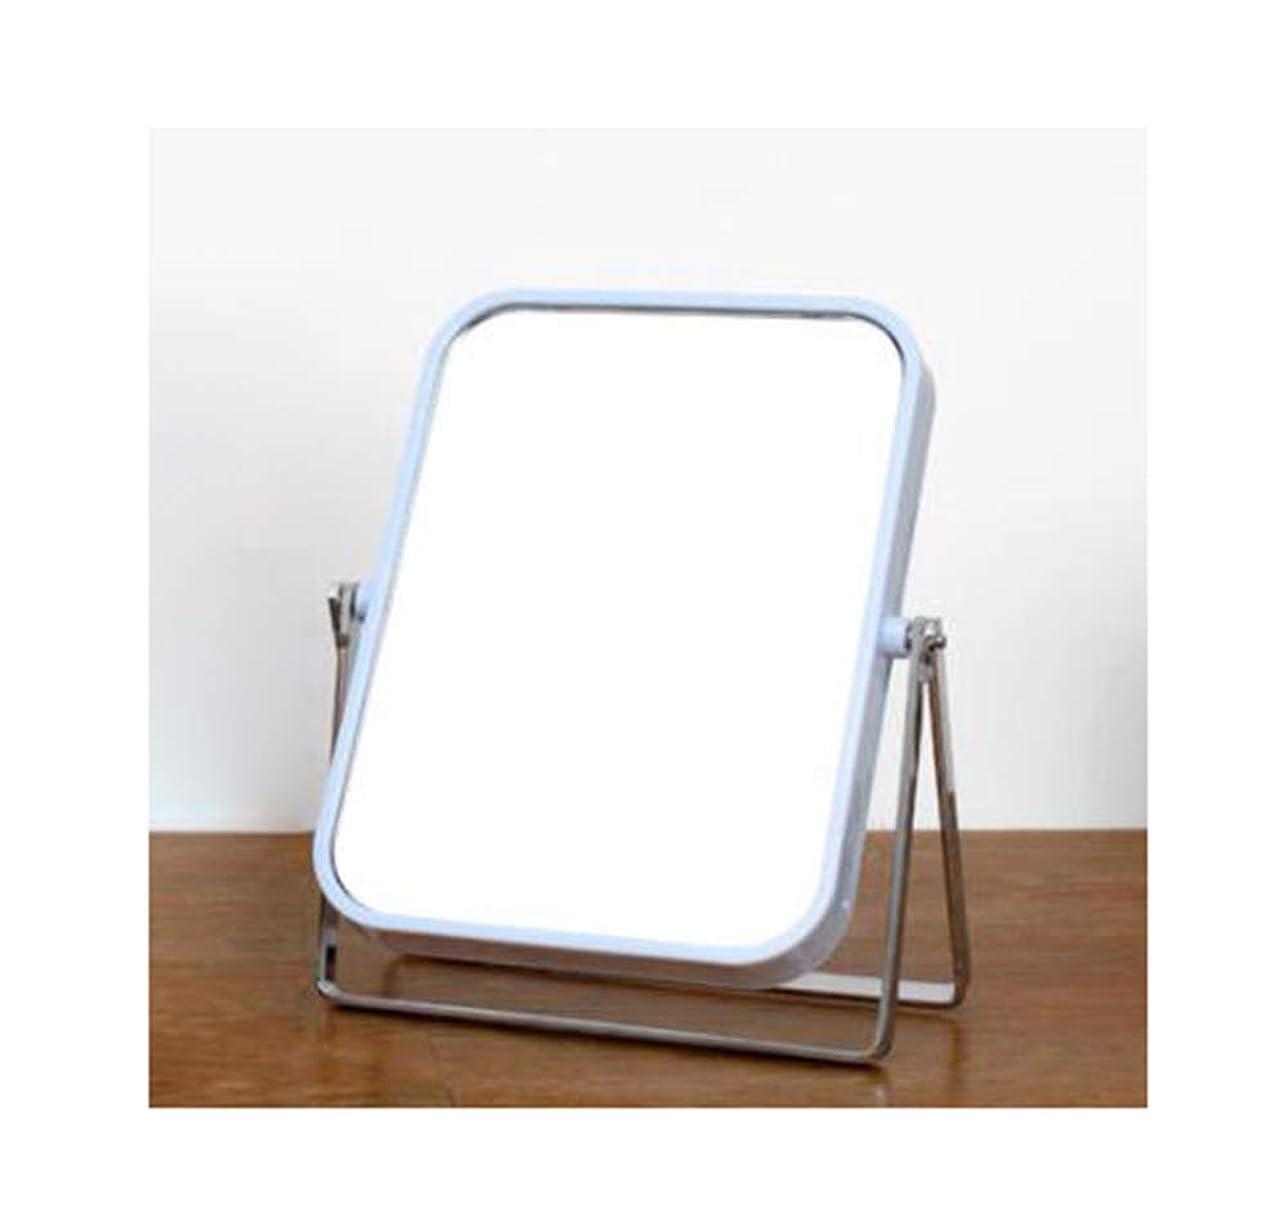 行為浸すギャングメタルフレーム化粧鏡360度回転デスクトップダブルミラー女性寮ミラー (Color : Blue)